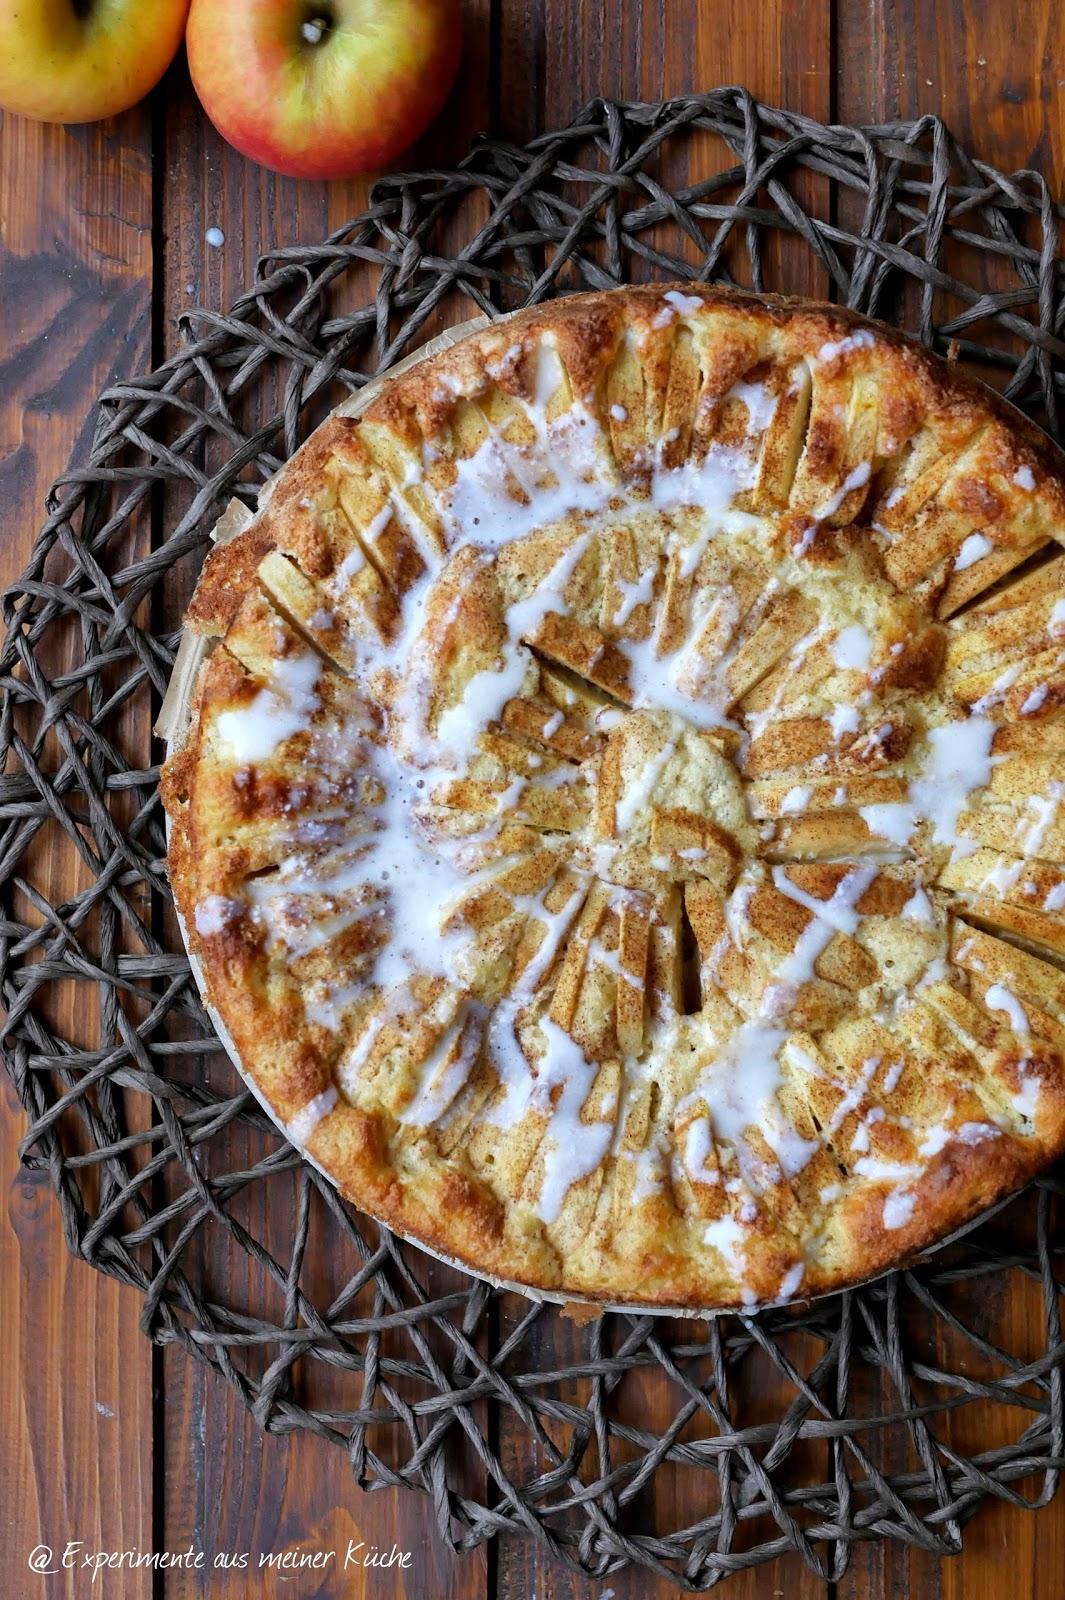 Experimente Aus Meiner Kuche Apfel Zimt Kuchen